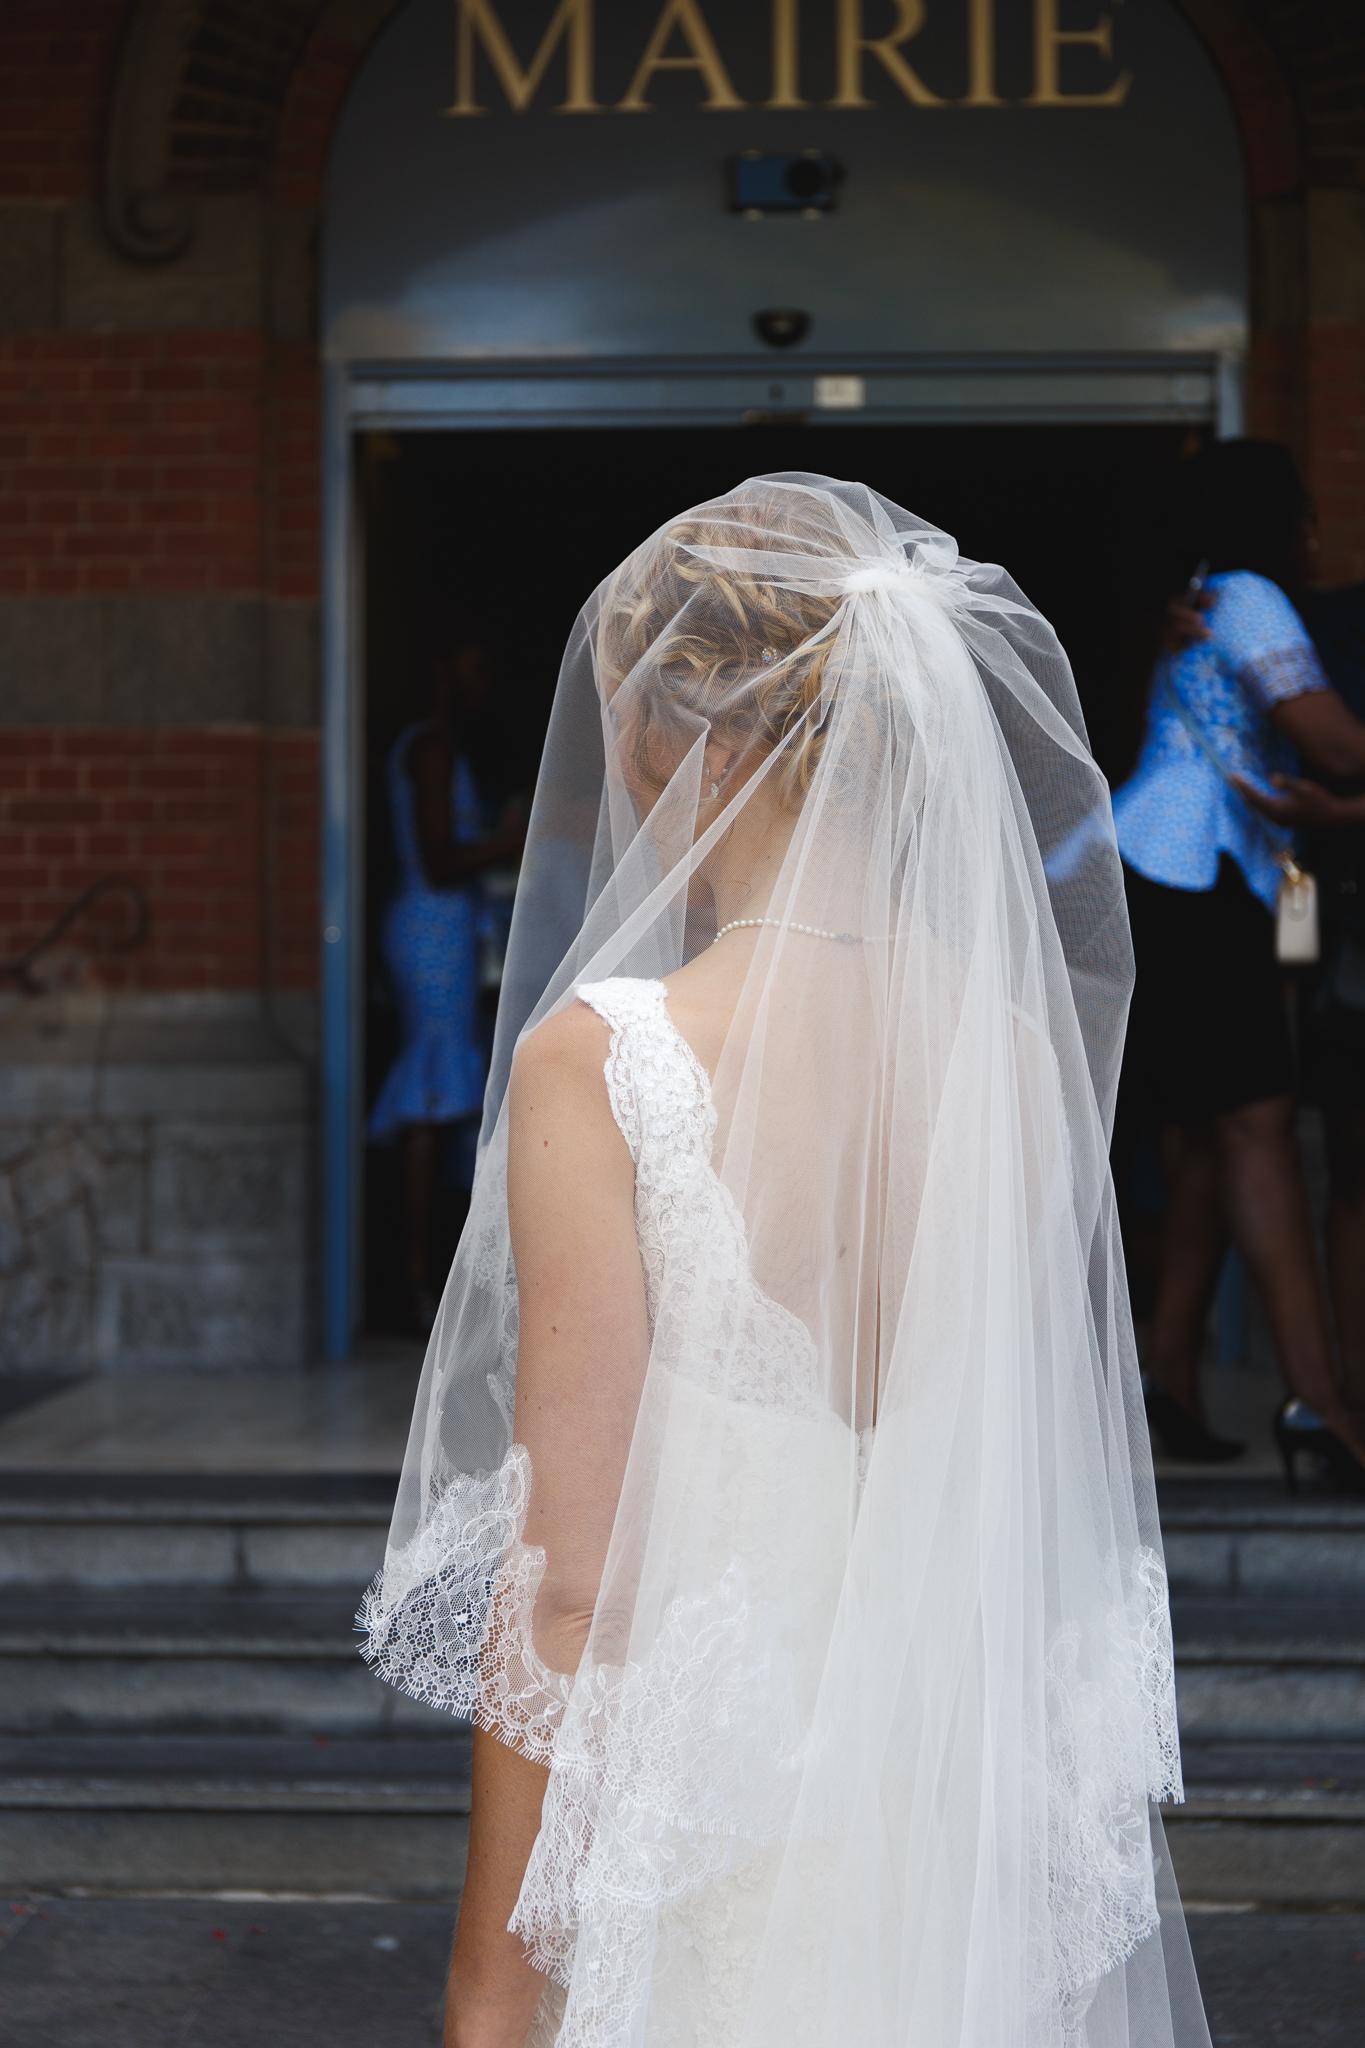 mariée avec voile de dos devant mairie La Madeleine photographe mariage Lille Nord Hauts de France